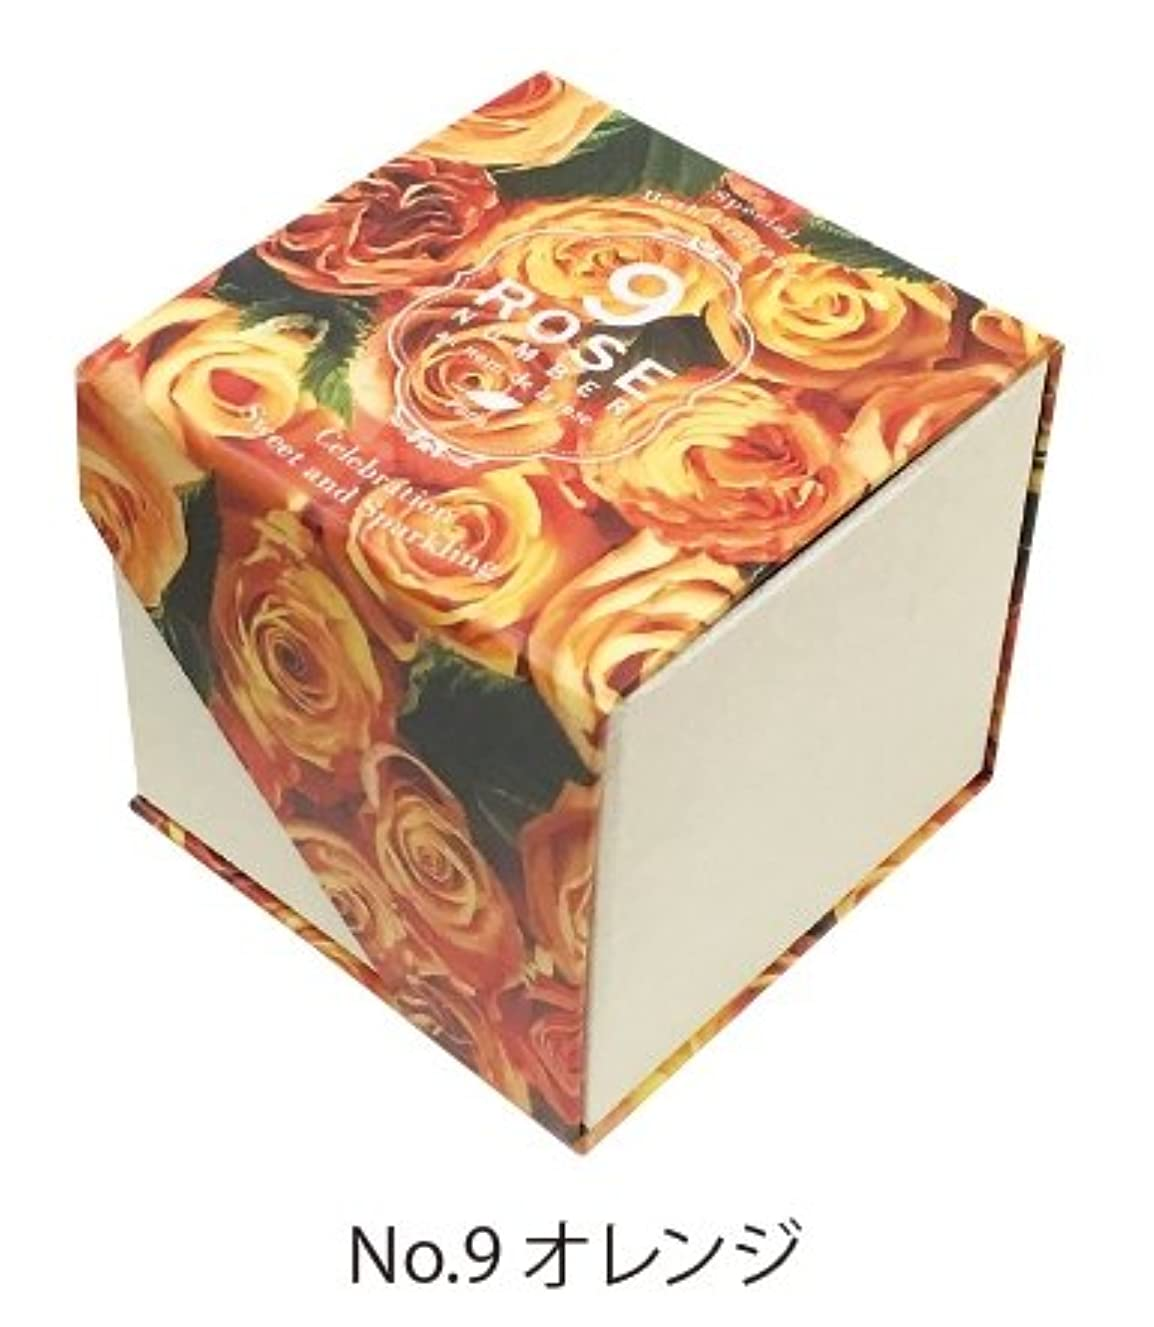 金額精査する結婚する九州フラワーサービス(Kyushu Flower Service) 入浴剤 77280